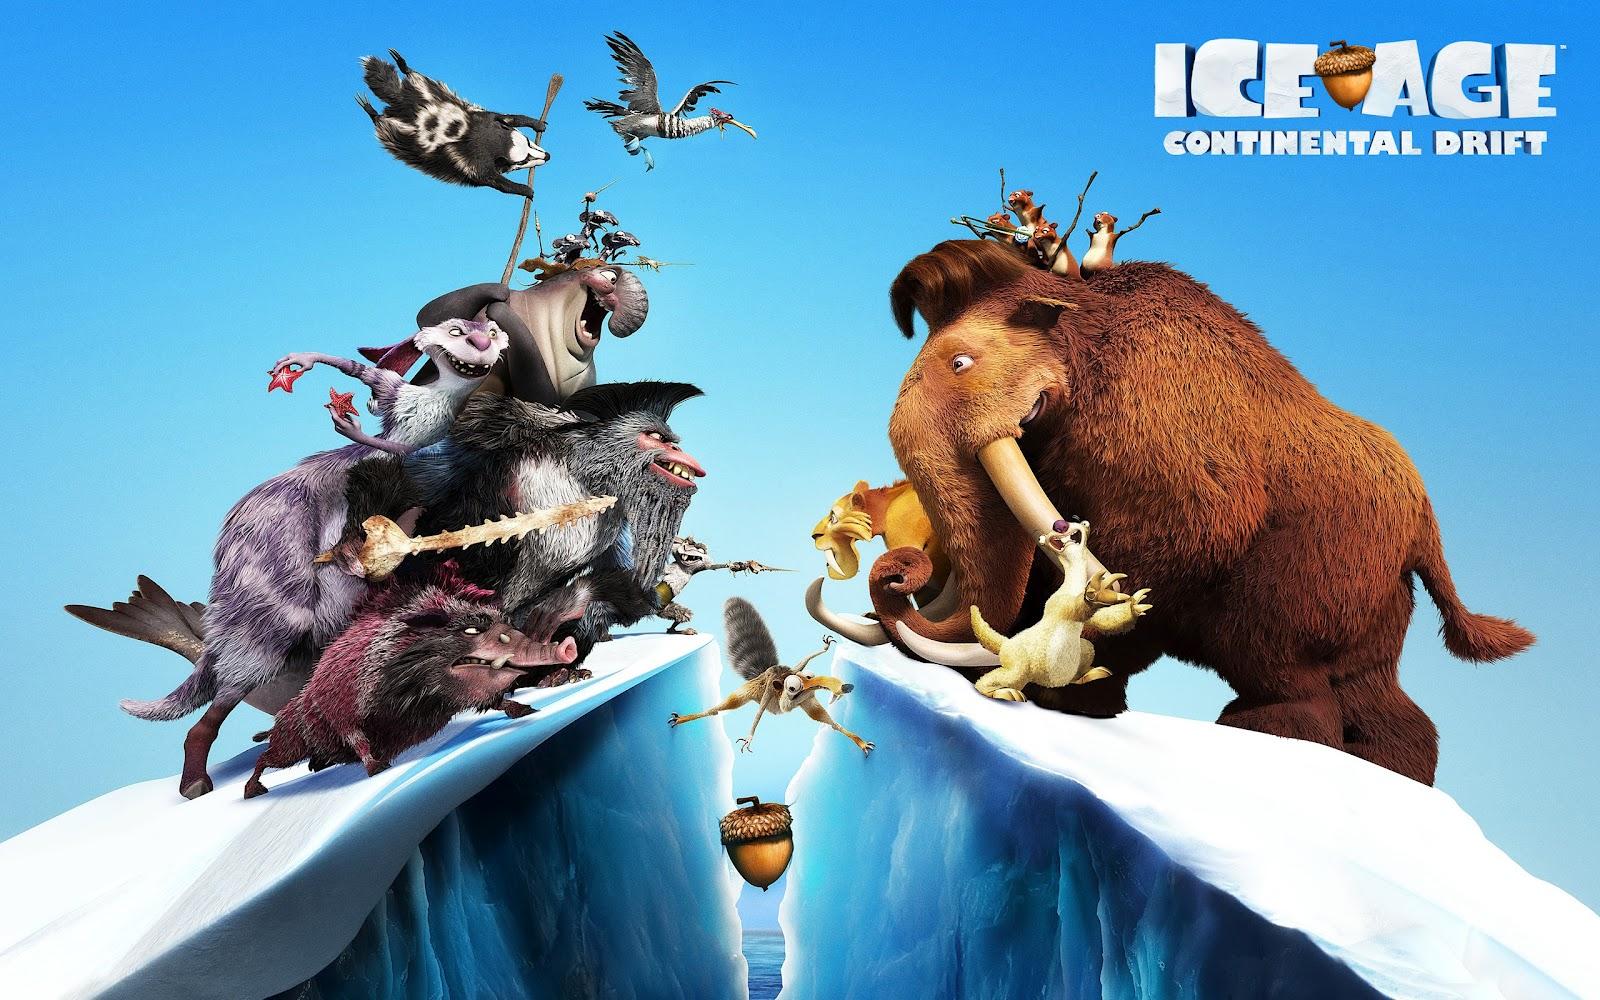 http://4.bp.blogspot.com/-UxSUGZfAECo/UA9w4o_ul4I/AAAAAAAAC74/MqcDsu6on5M/s1600/ice_age_4_continental_drift-wide.jpg